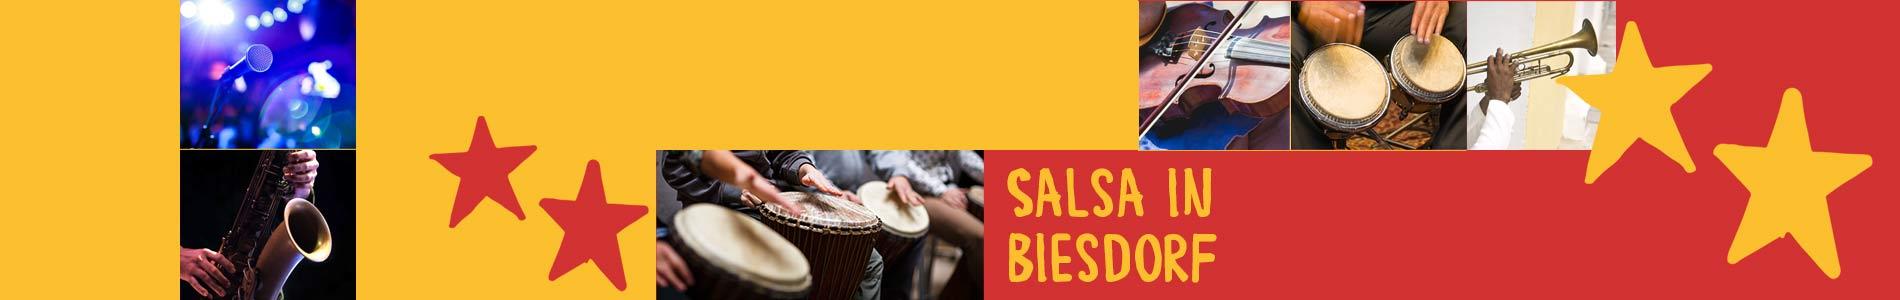 Salsa in Biesdorf – Salsa lernen und tanzen, Tanzkurse, Partys, Veranstaltungen